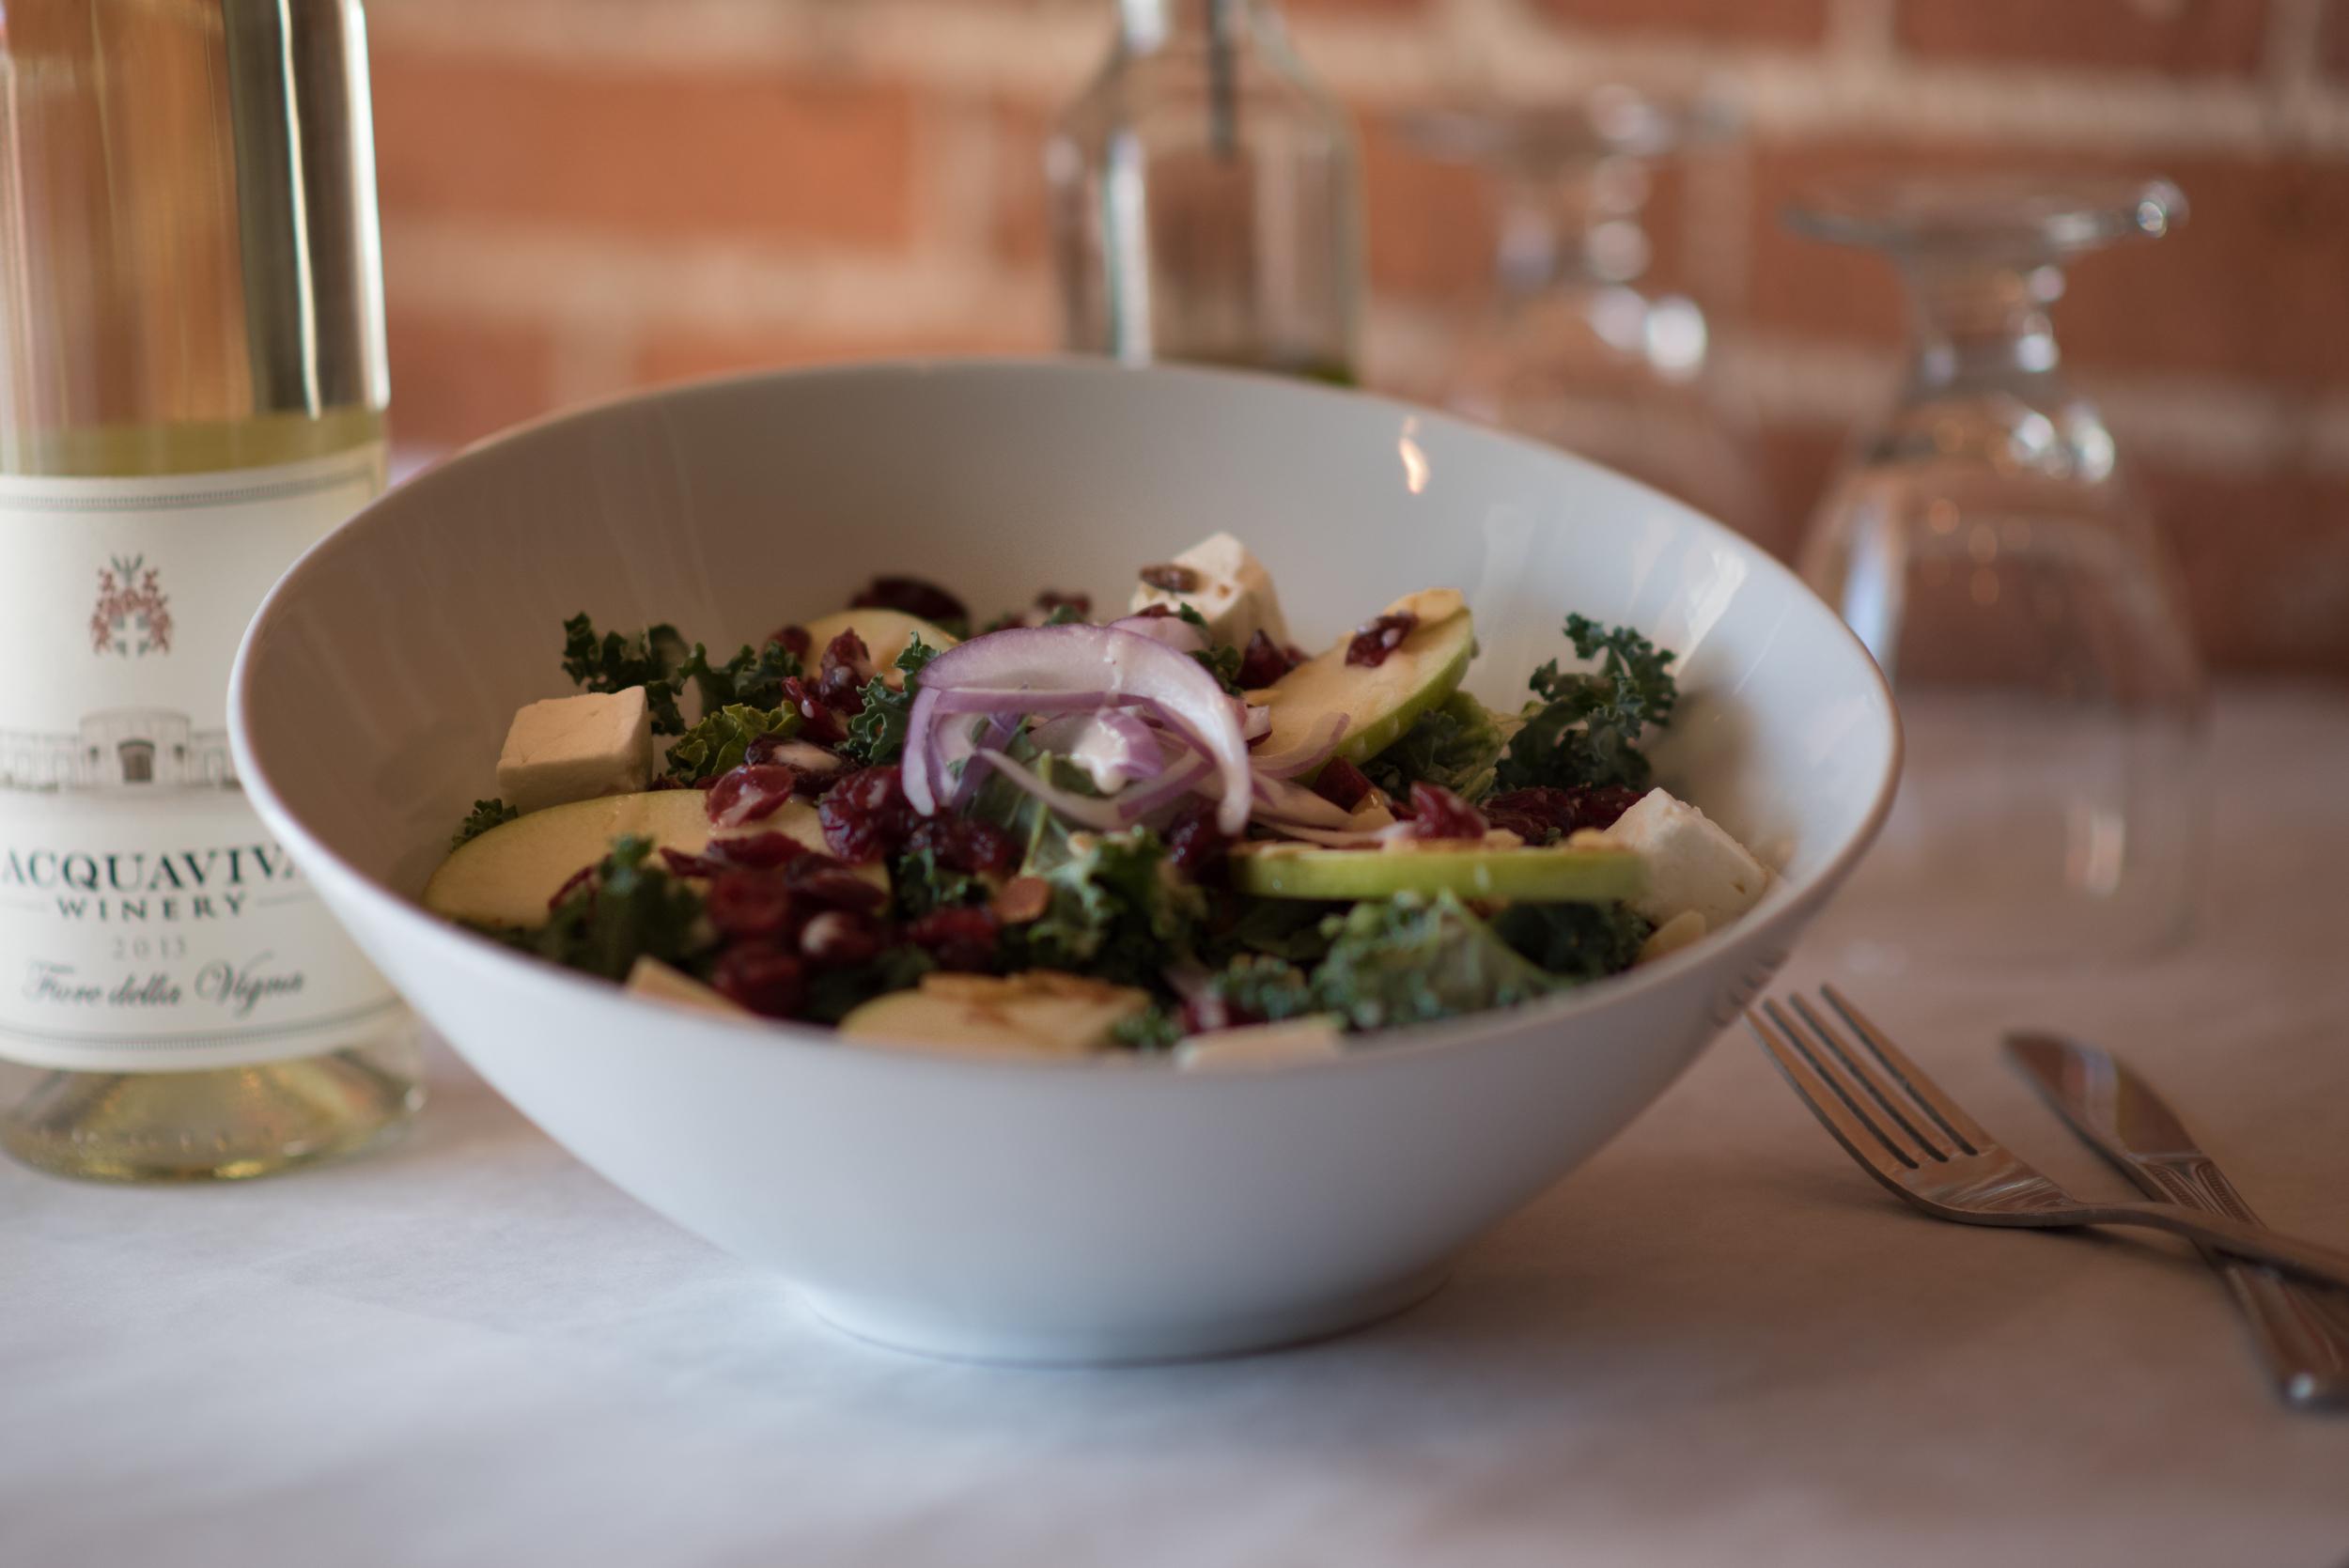 Kale Frutta Salad - my favorite!